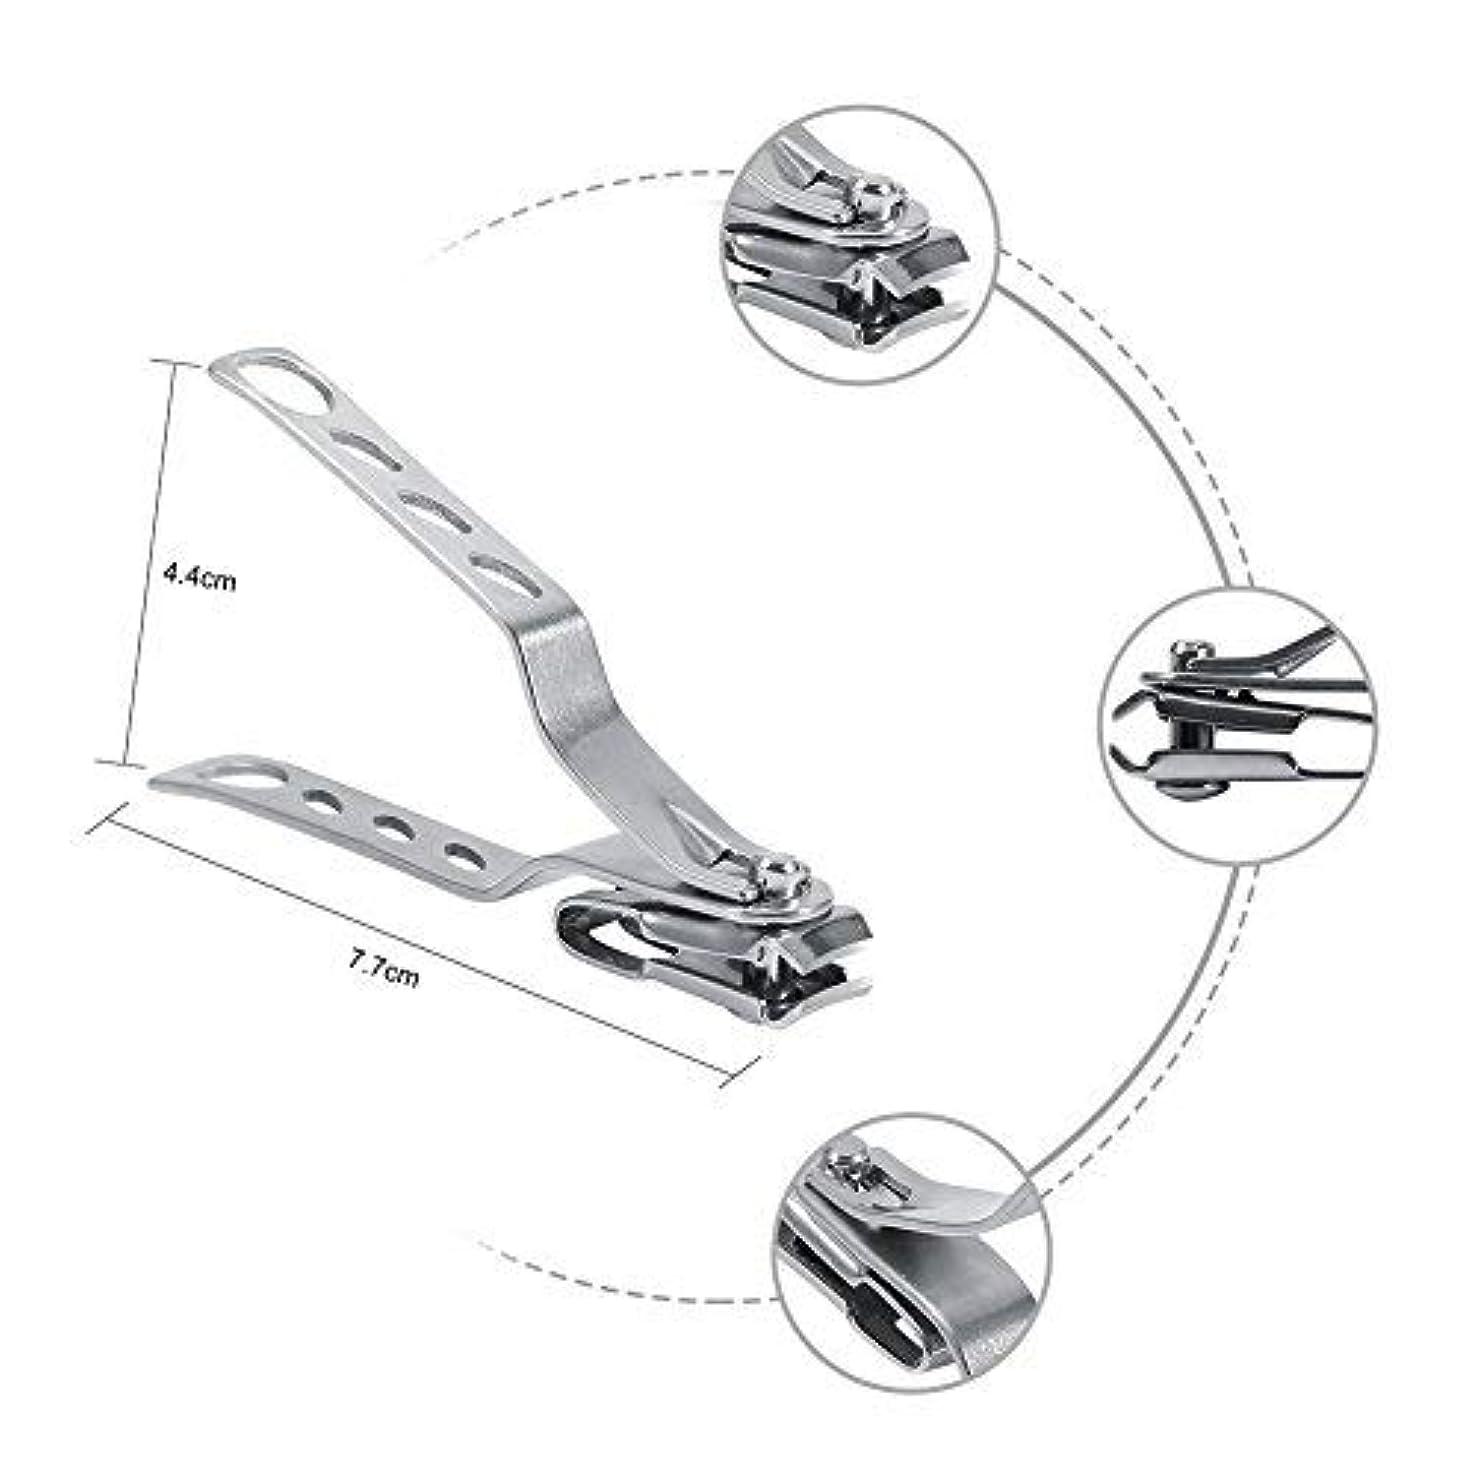 シャワーアニメーション聴覚障害者1PCプロフェッショナルステンレススチールスモールネイルクリッパーキューティクルカッターニッパー回転ヘッド付き